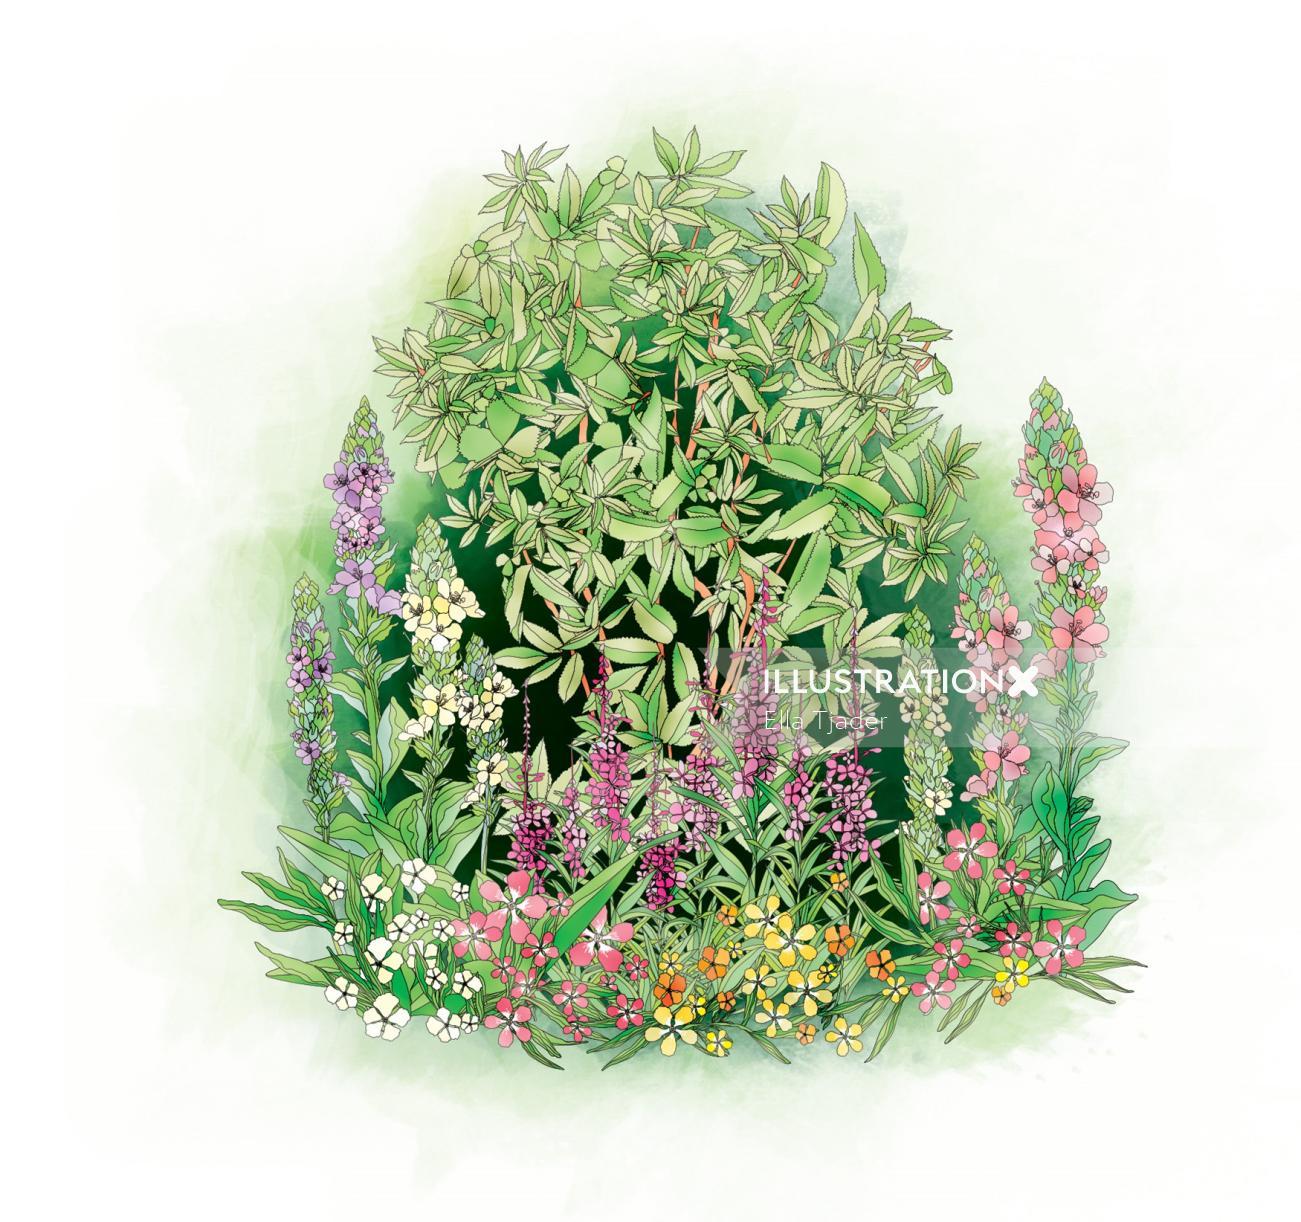 Vector illustration of grass